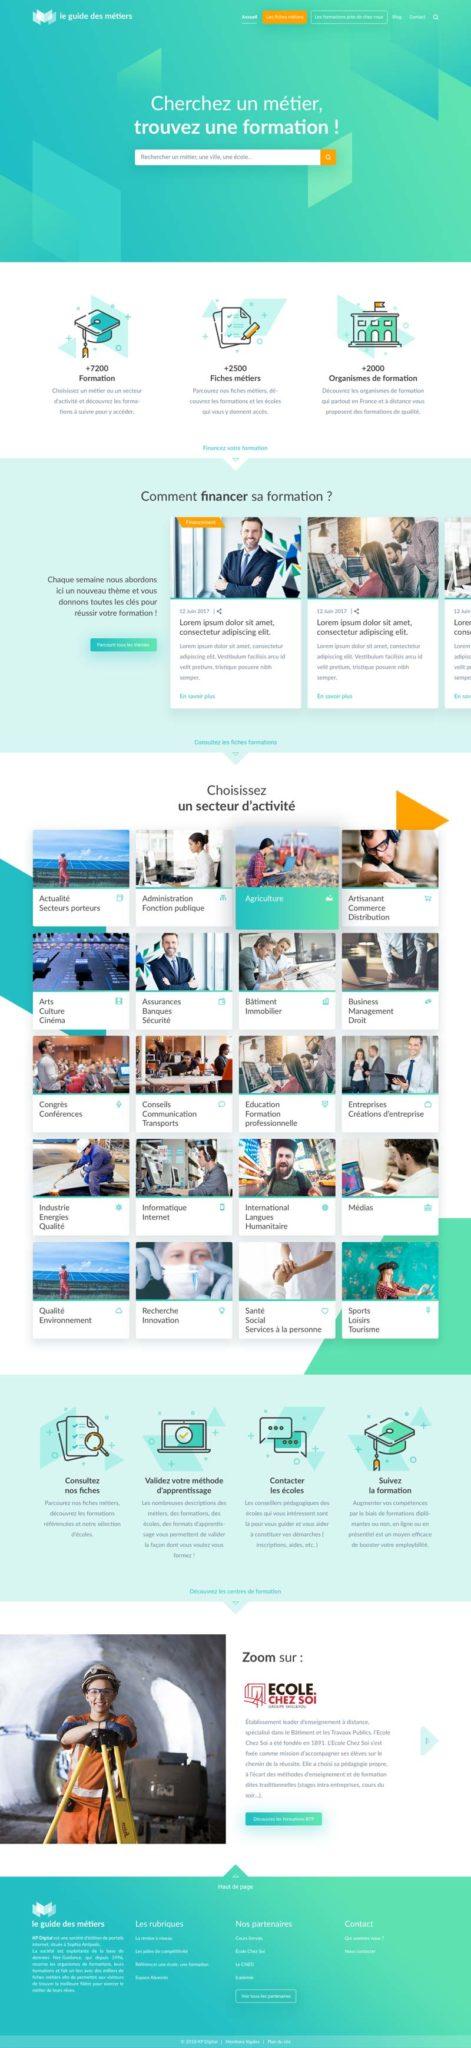 Design de la page d'accueil du site internet Le Guide des Métiers